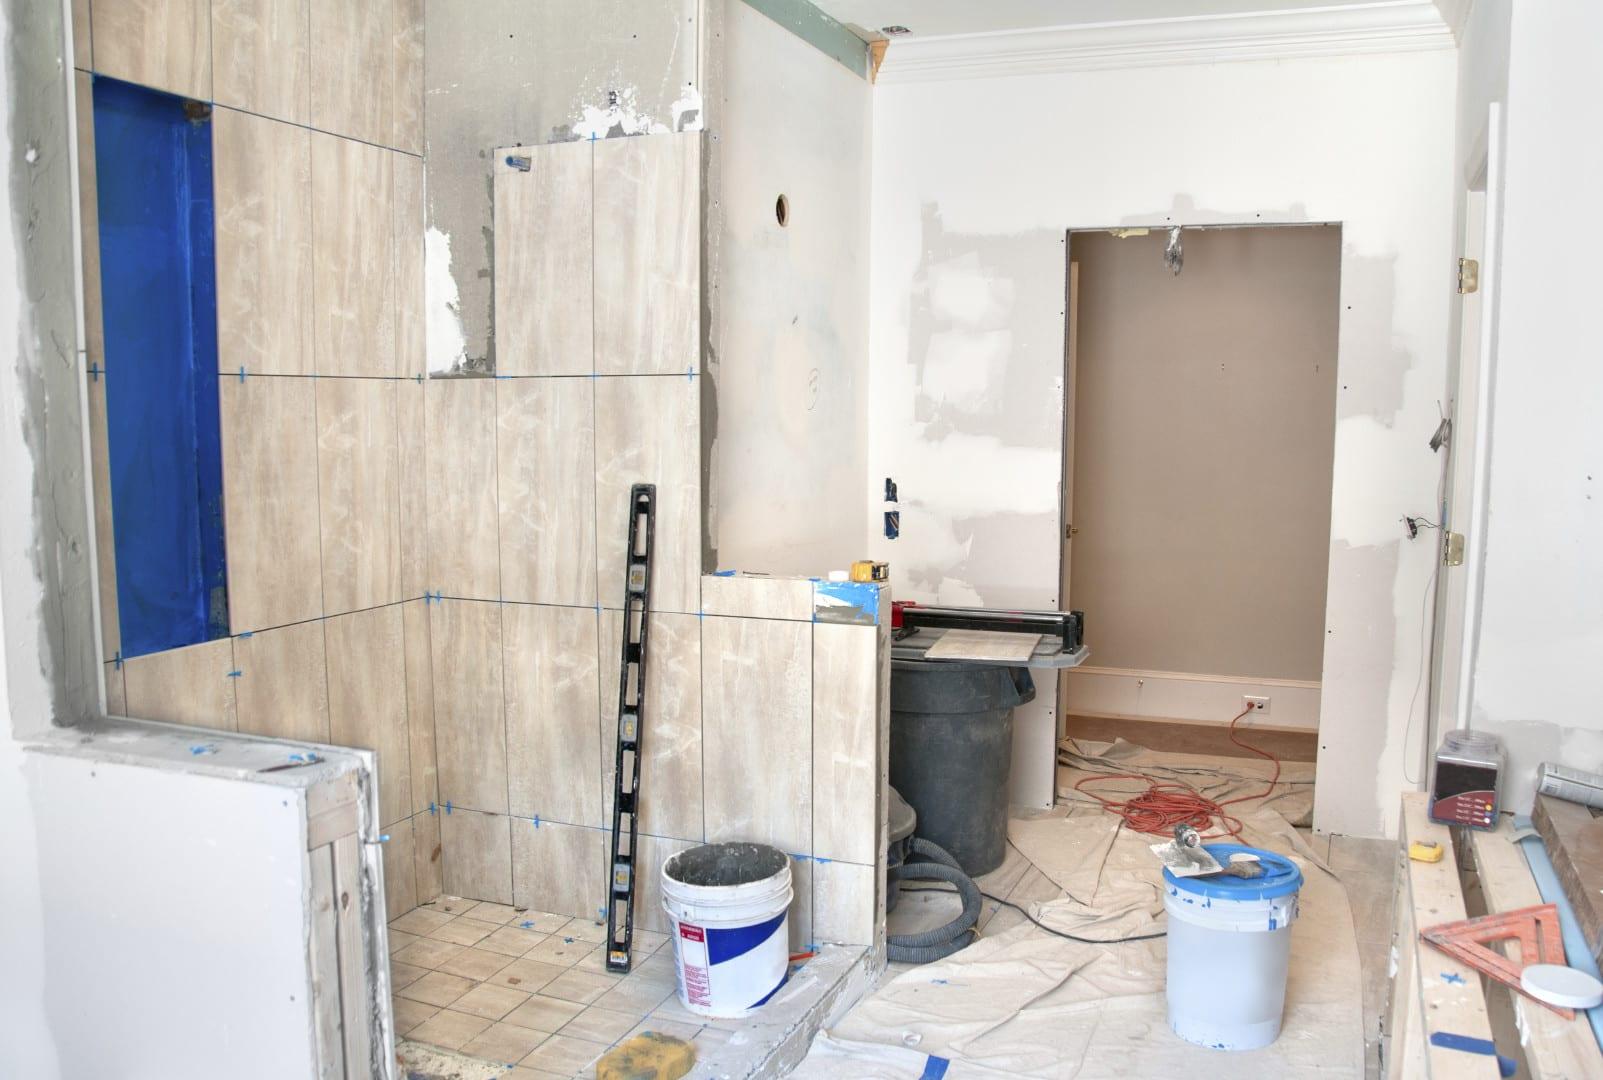 badrenovierung und badsanierung kosten_alte badezimmer neu gestalten